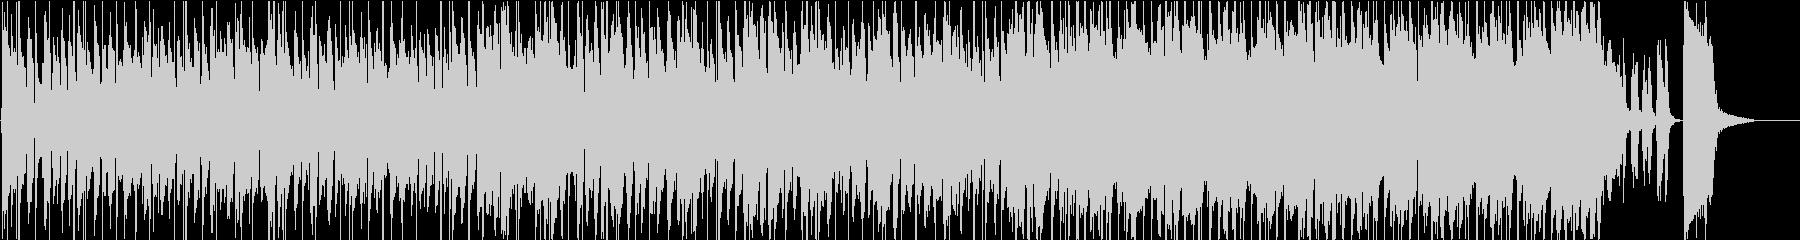 ジャジーでオシャレ系、ノリのいいBGMの未再生の波形